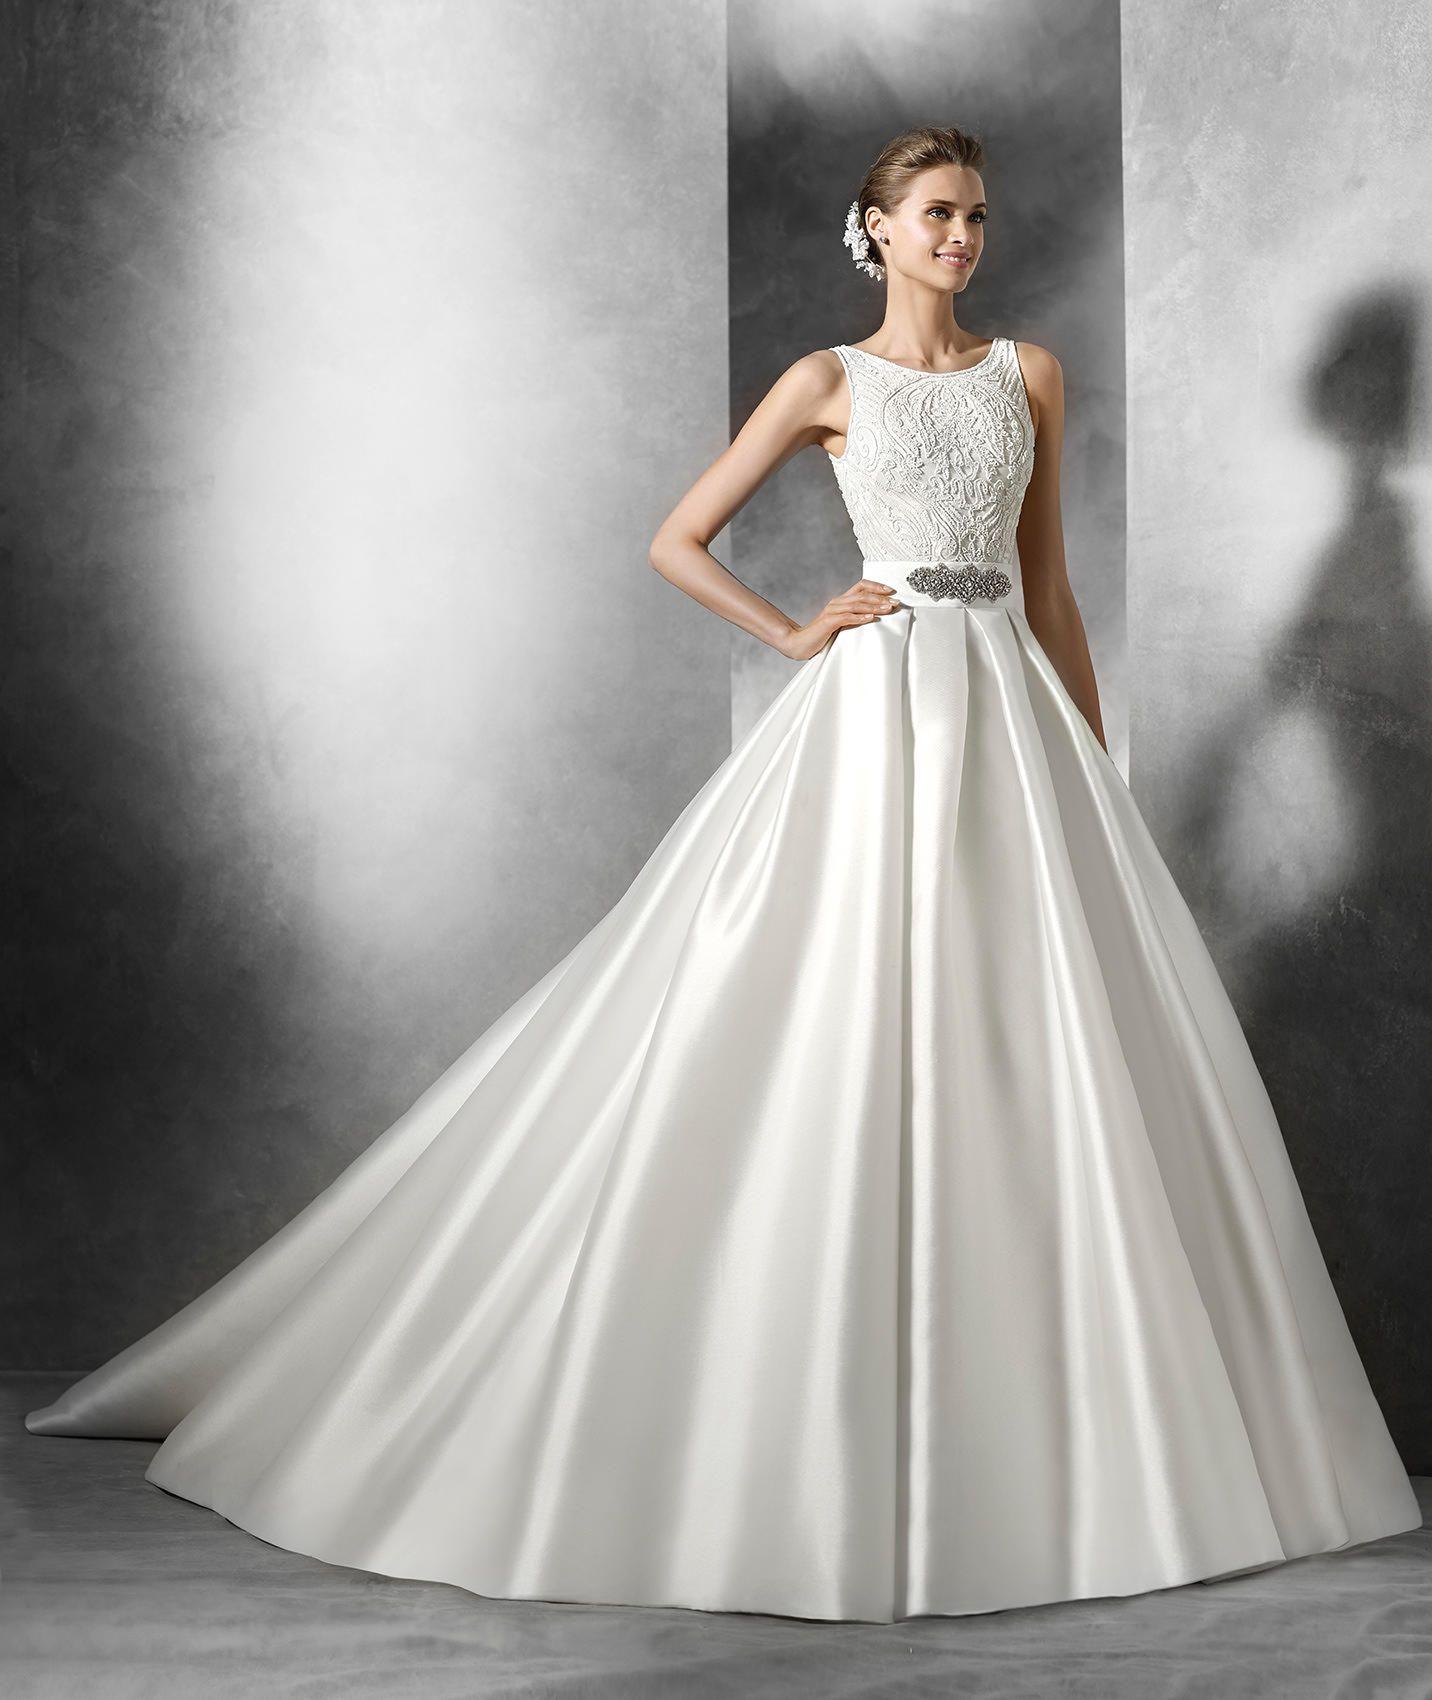 TRESIA - Modernes Brautkleid im Prinzessin-Stil | Hochzeitskleider ...